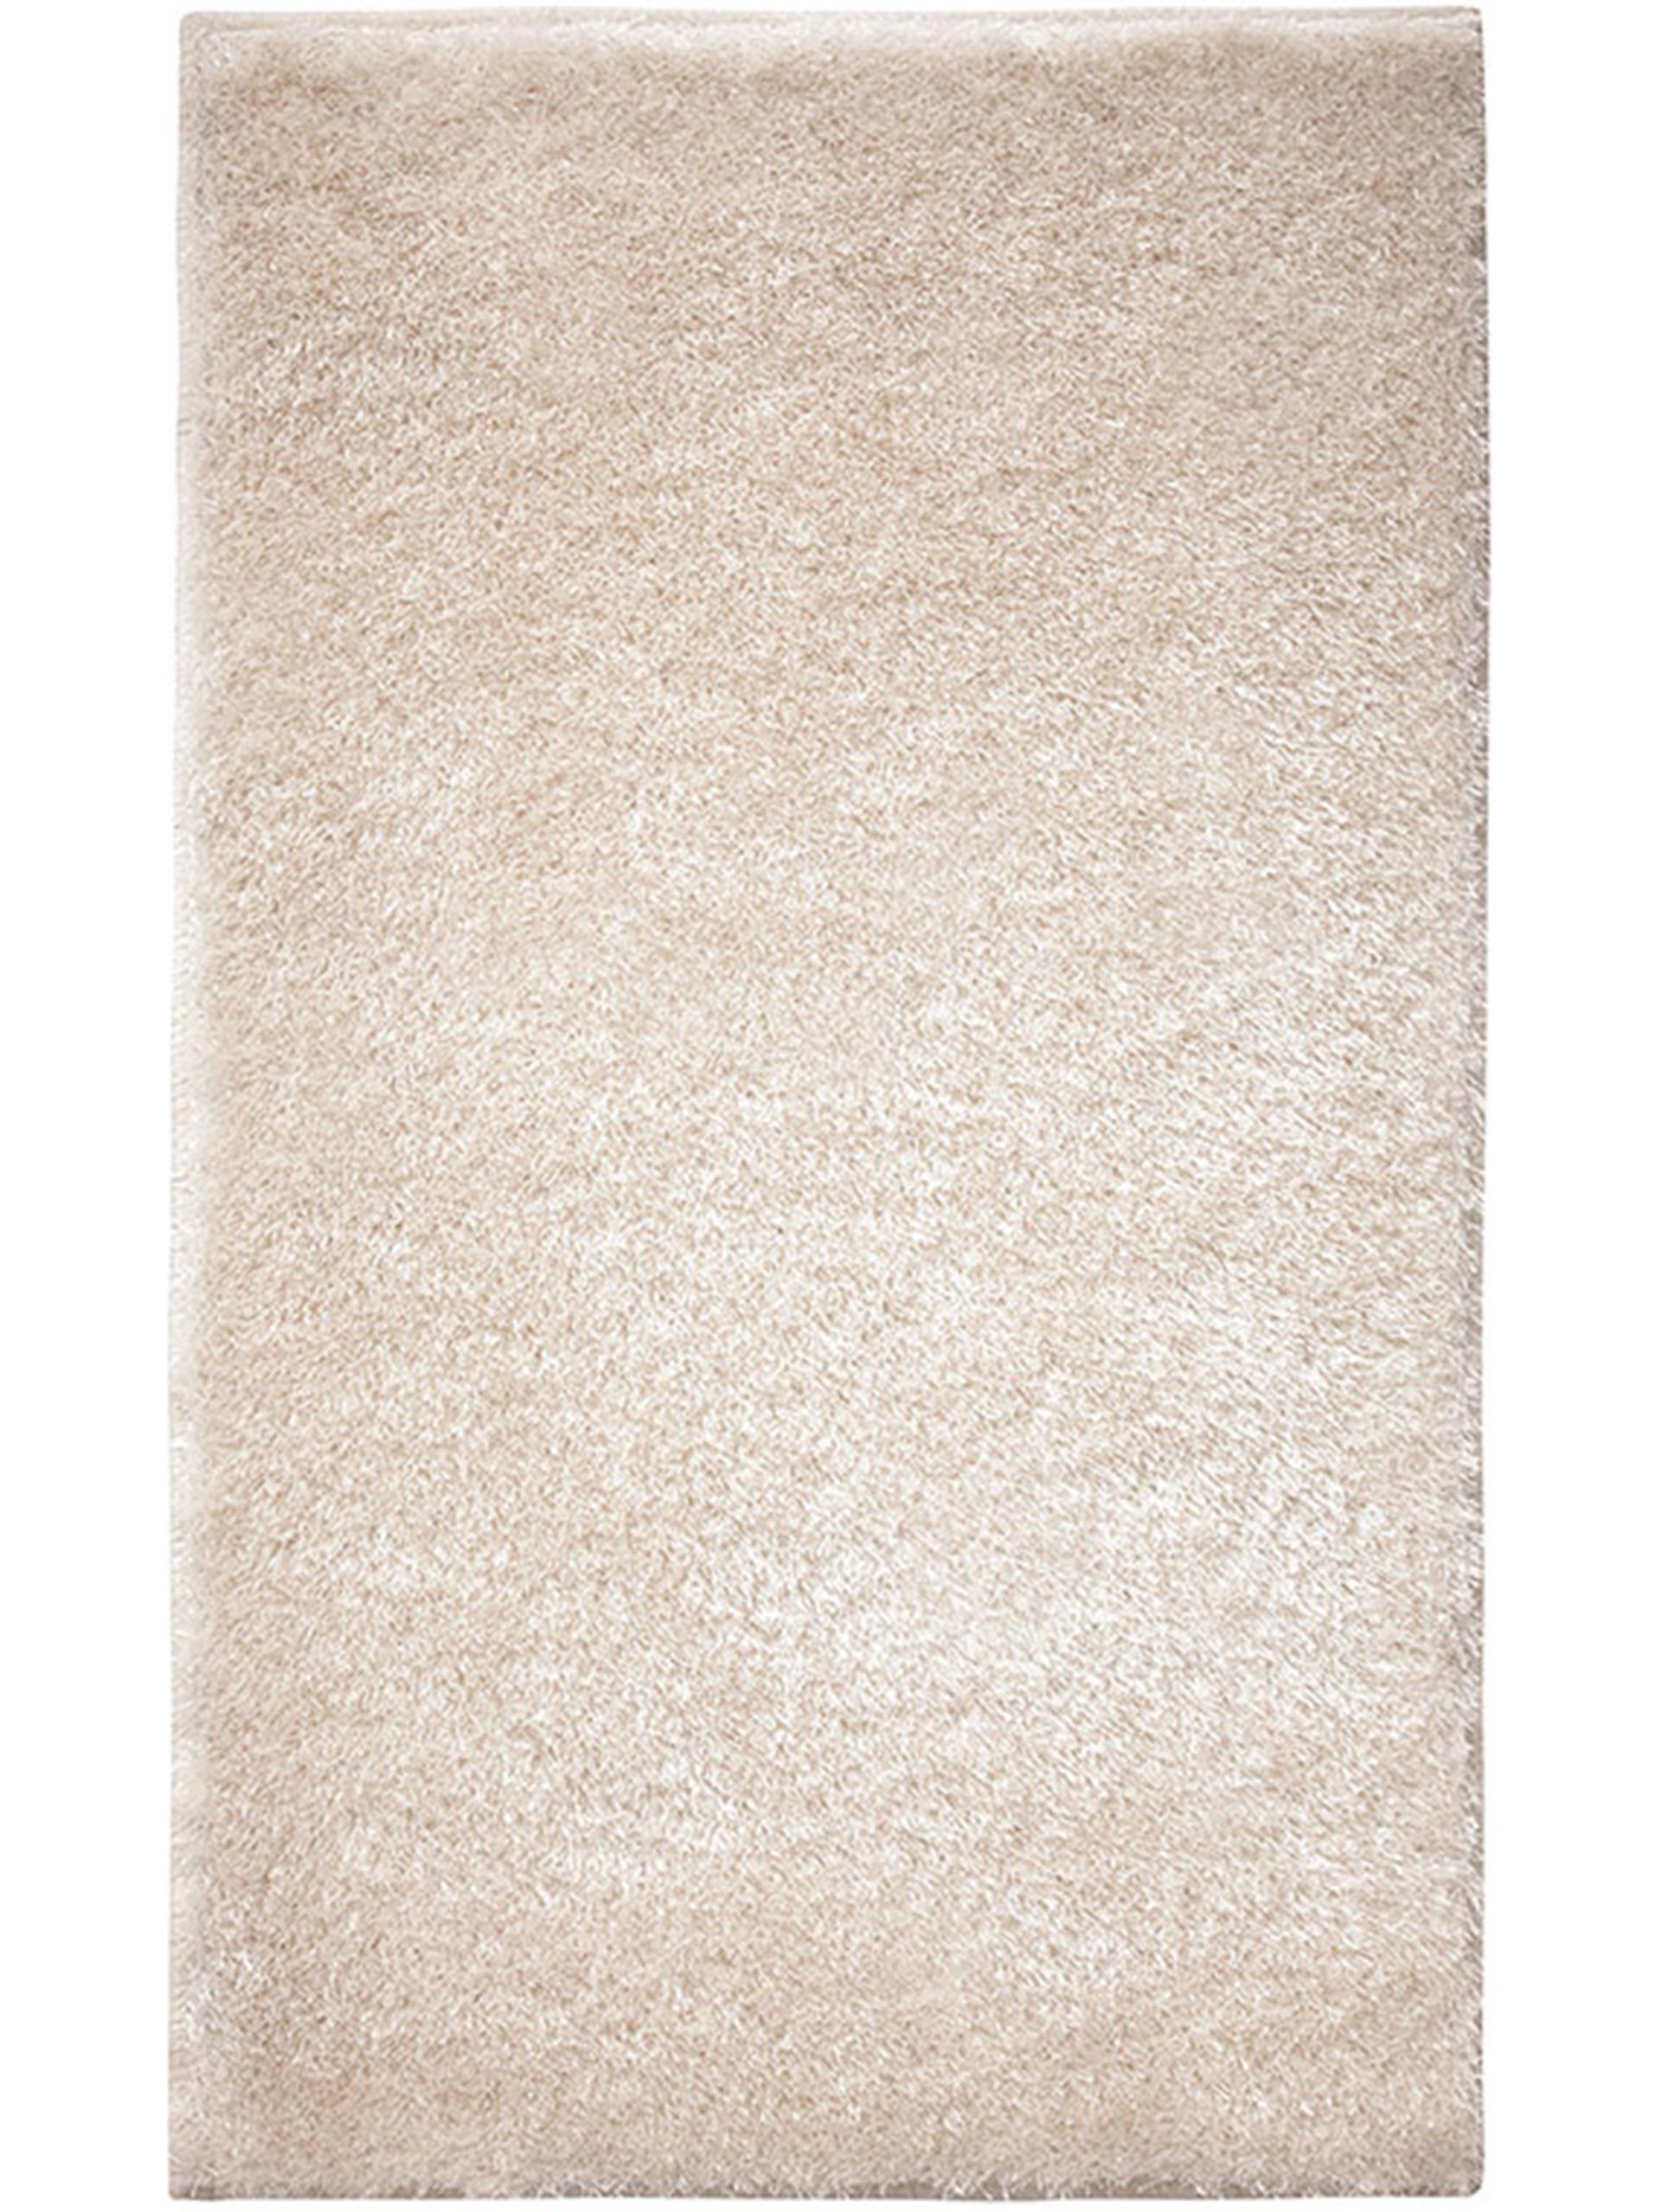 esprit c tapis de bain chill blanc 55x65 cm. Black Bedroom Furniture Sets. Home Design Ideas